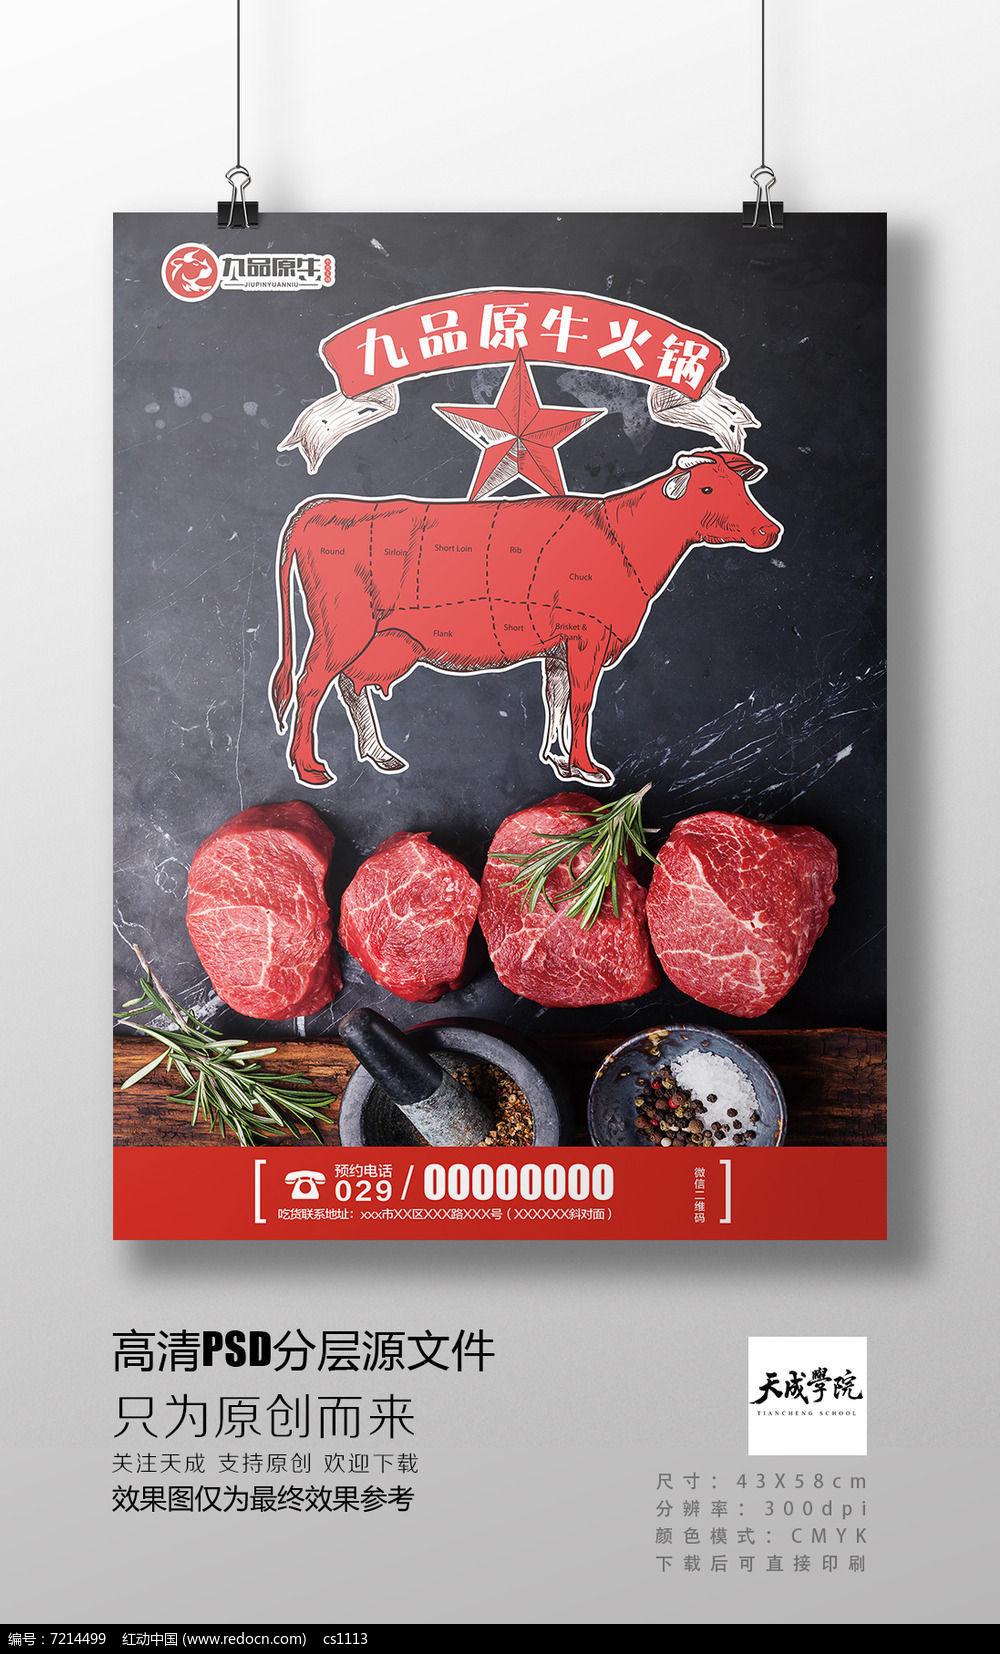 牛肉火锅牛分布图简约高清PSD分层海报图片